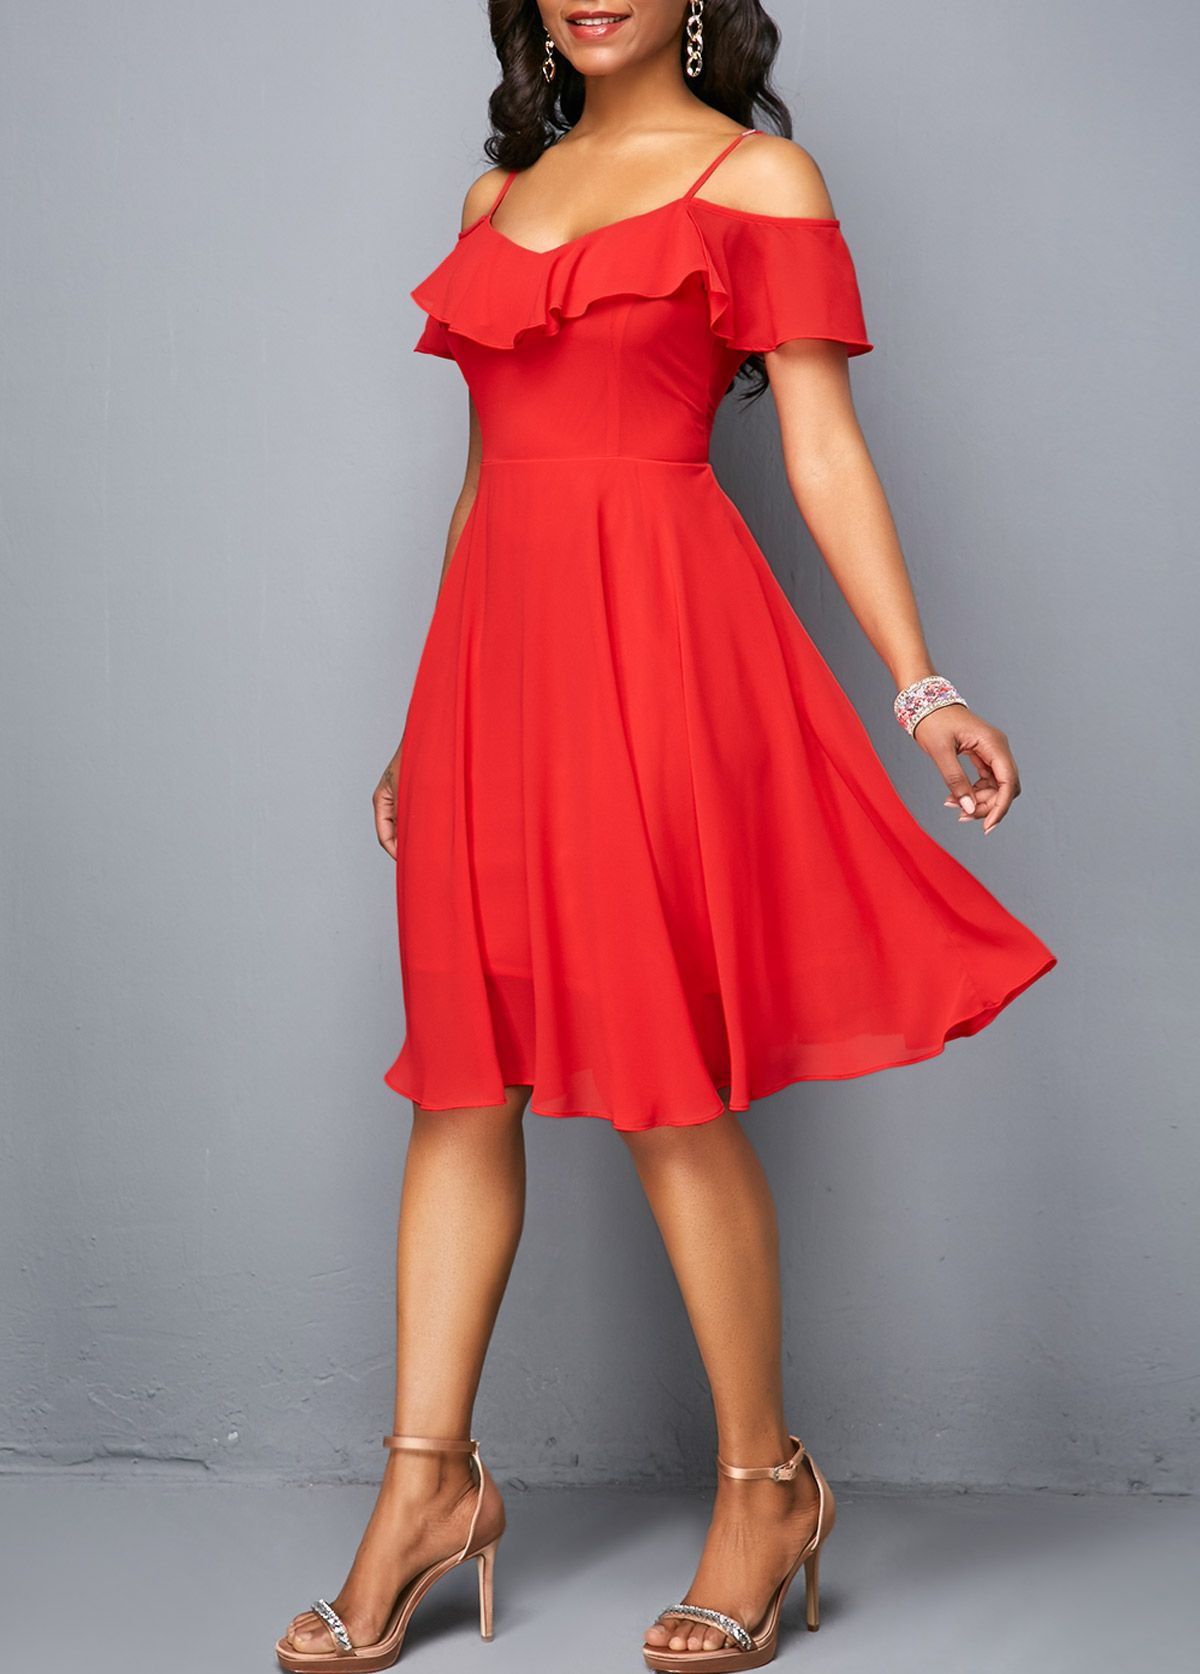 127b621dc3fb6 Red V Back Strappy Cold Shoulder Dress | Rosewe.com - USD $29.96 | I ...